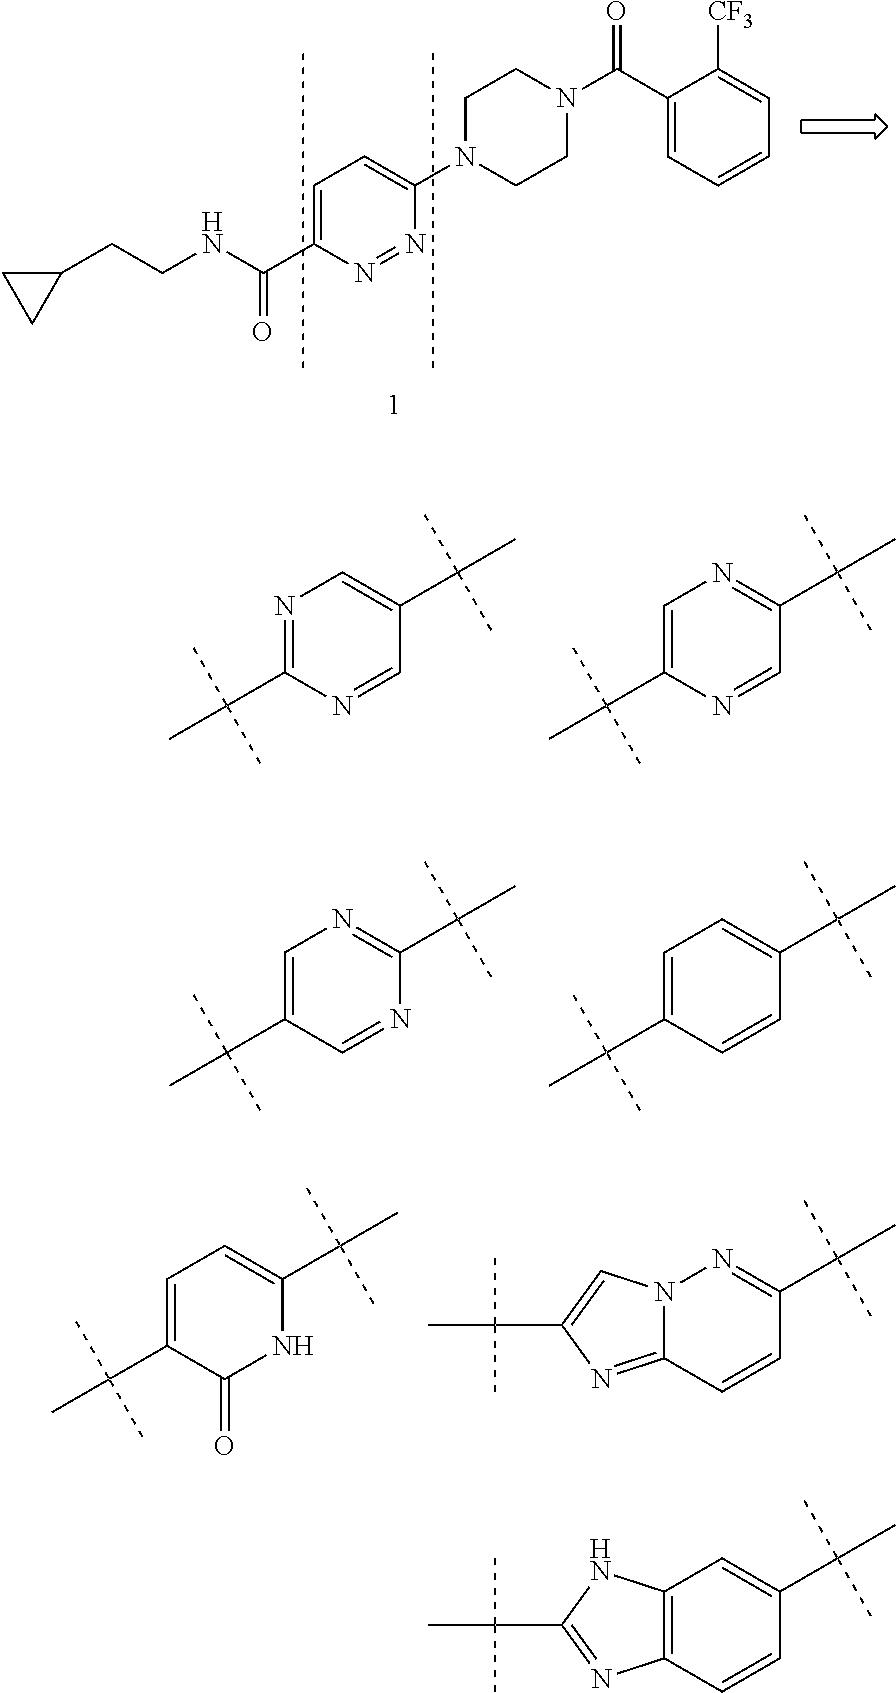 Figure US09358250-20160607-C00008